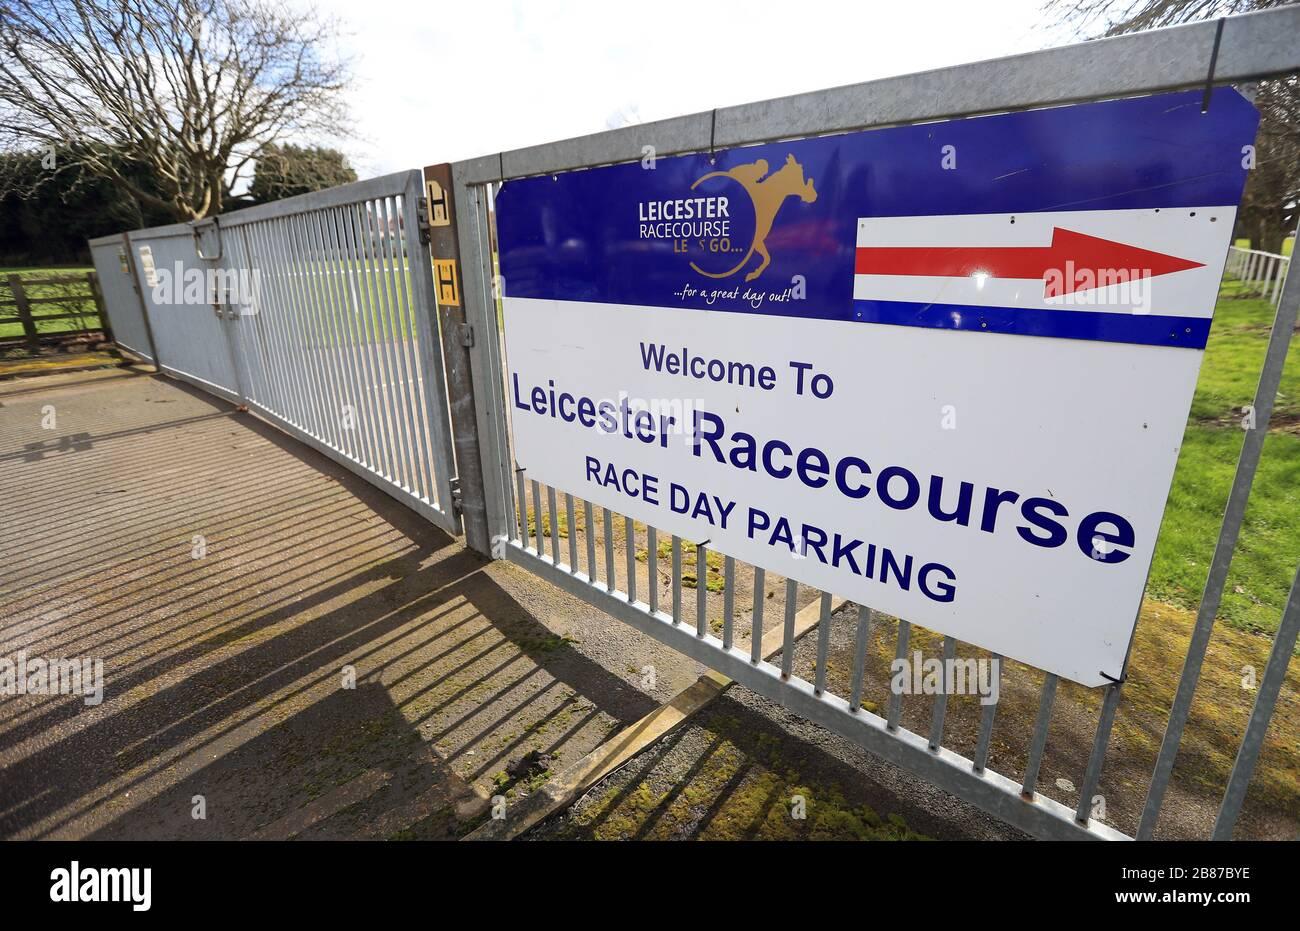 Una visión general de las puertas cerradas en el hipódromo de Leicester como carreras en Gran Bretaña está en espera hasta finales de abril como muy pronto. Foto de stock